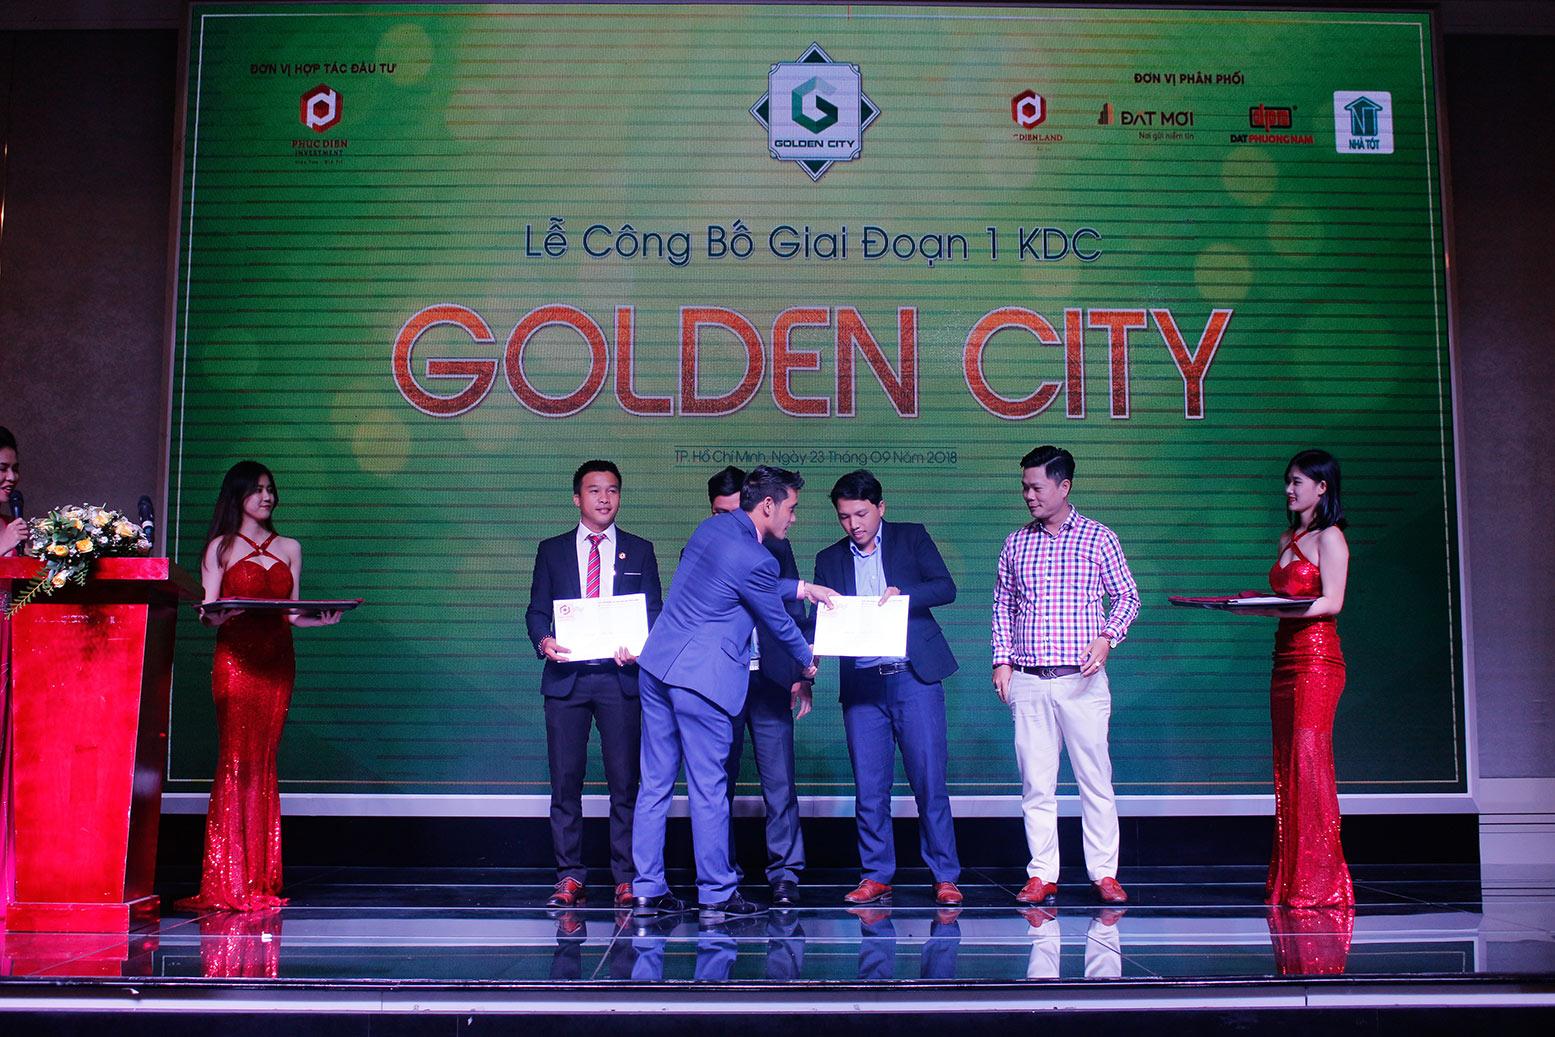 Hơn 90% giao dịch thành công tại buổi lễ công bố giai đoạn 1 KDC Golden City 7